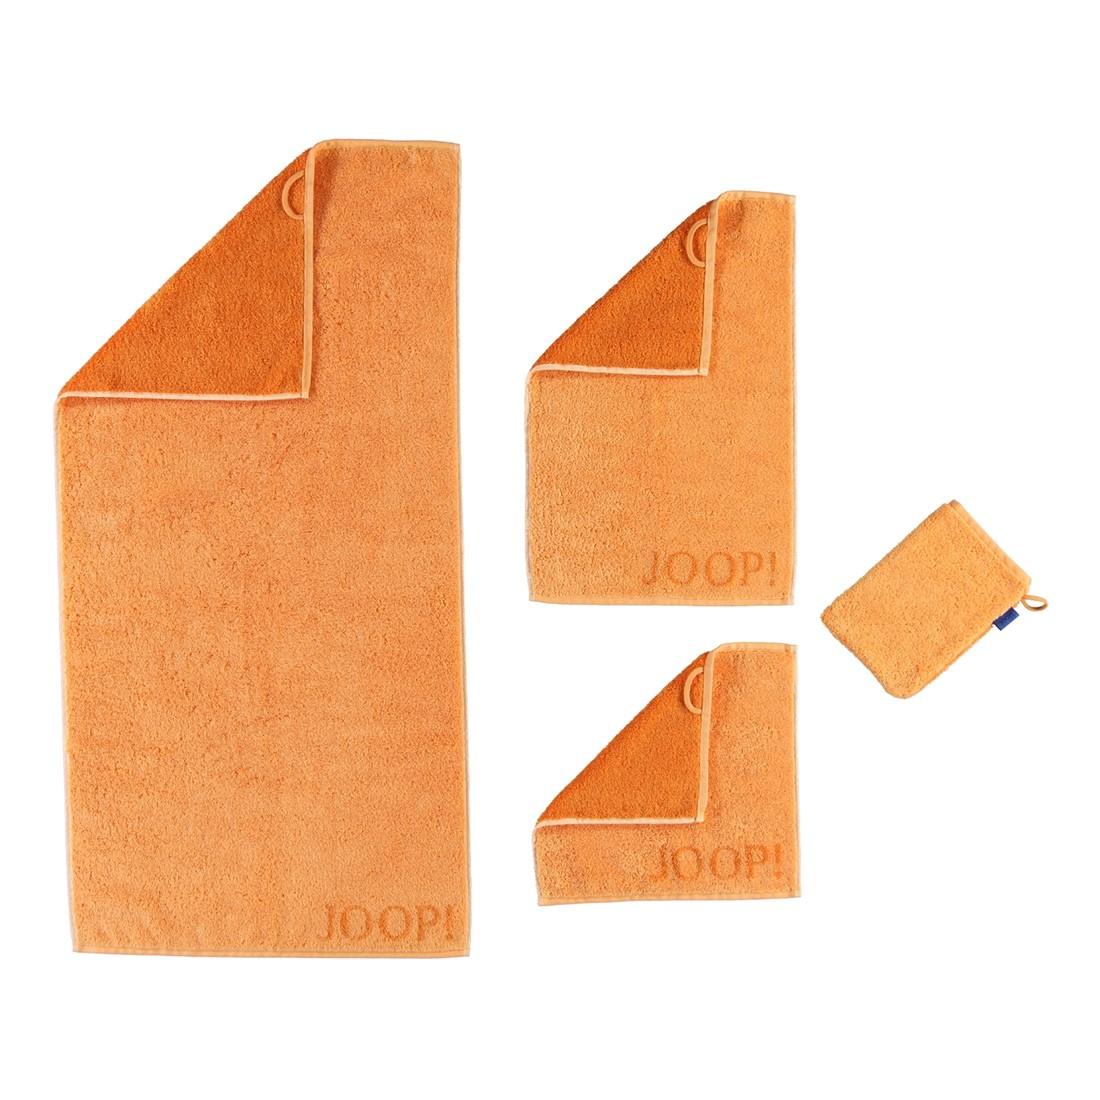 Handtuch Elegance Doubleface – 100% Baumwolle kupfer – 32 – Saunatuch: 80 x 200 cm, Joop online bestellen